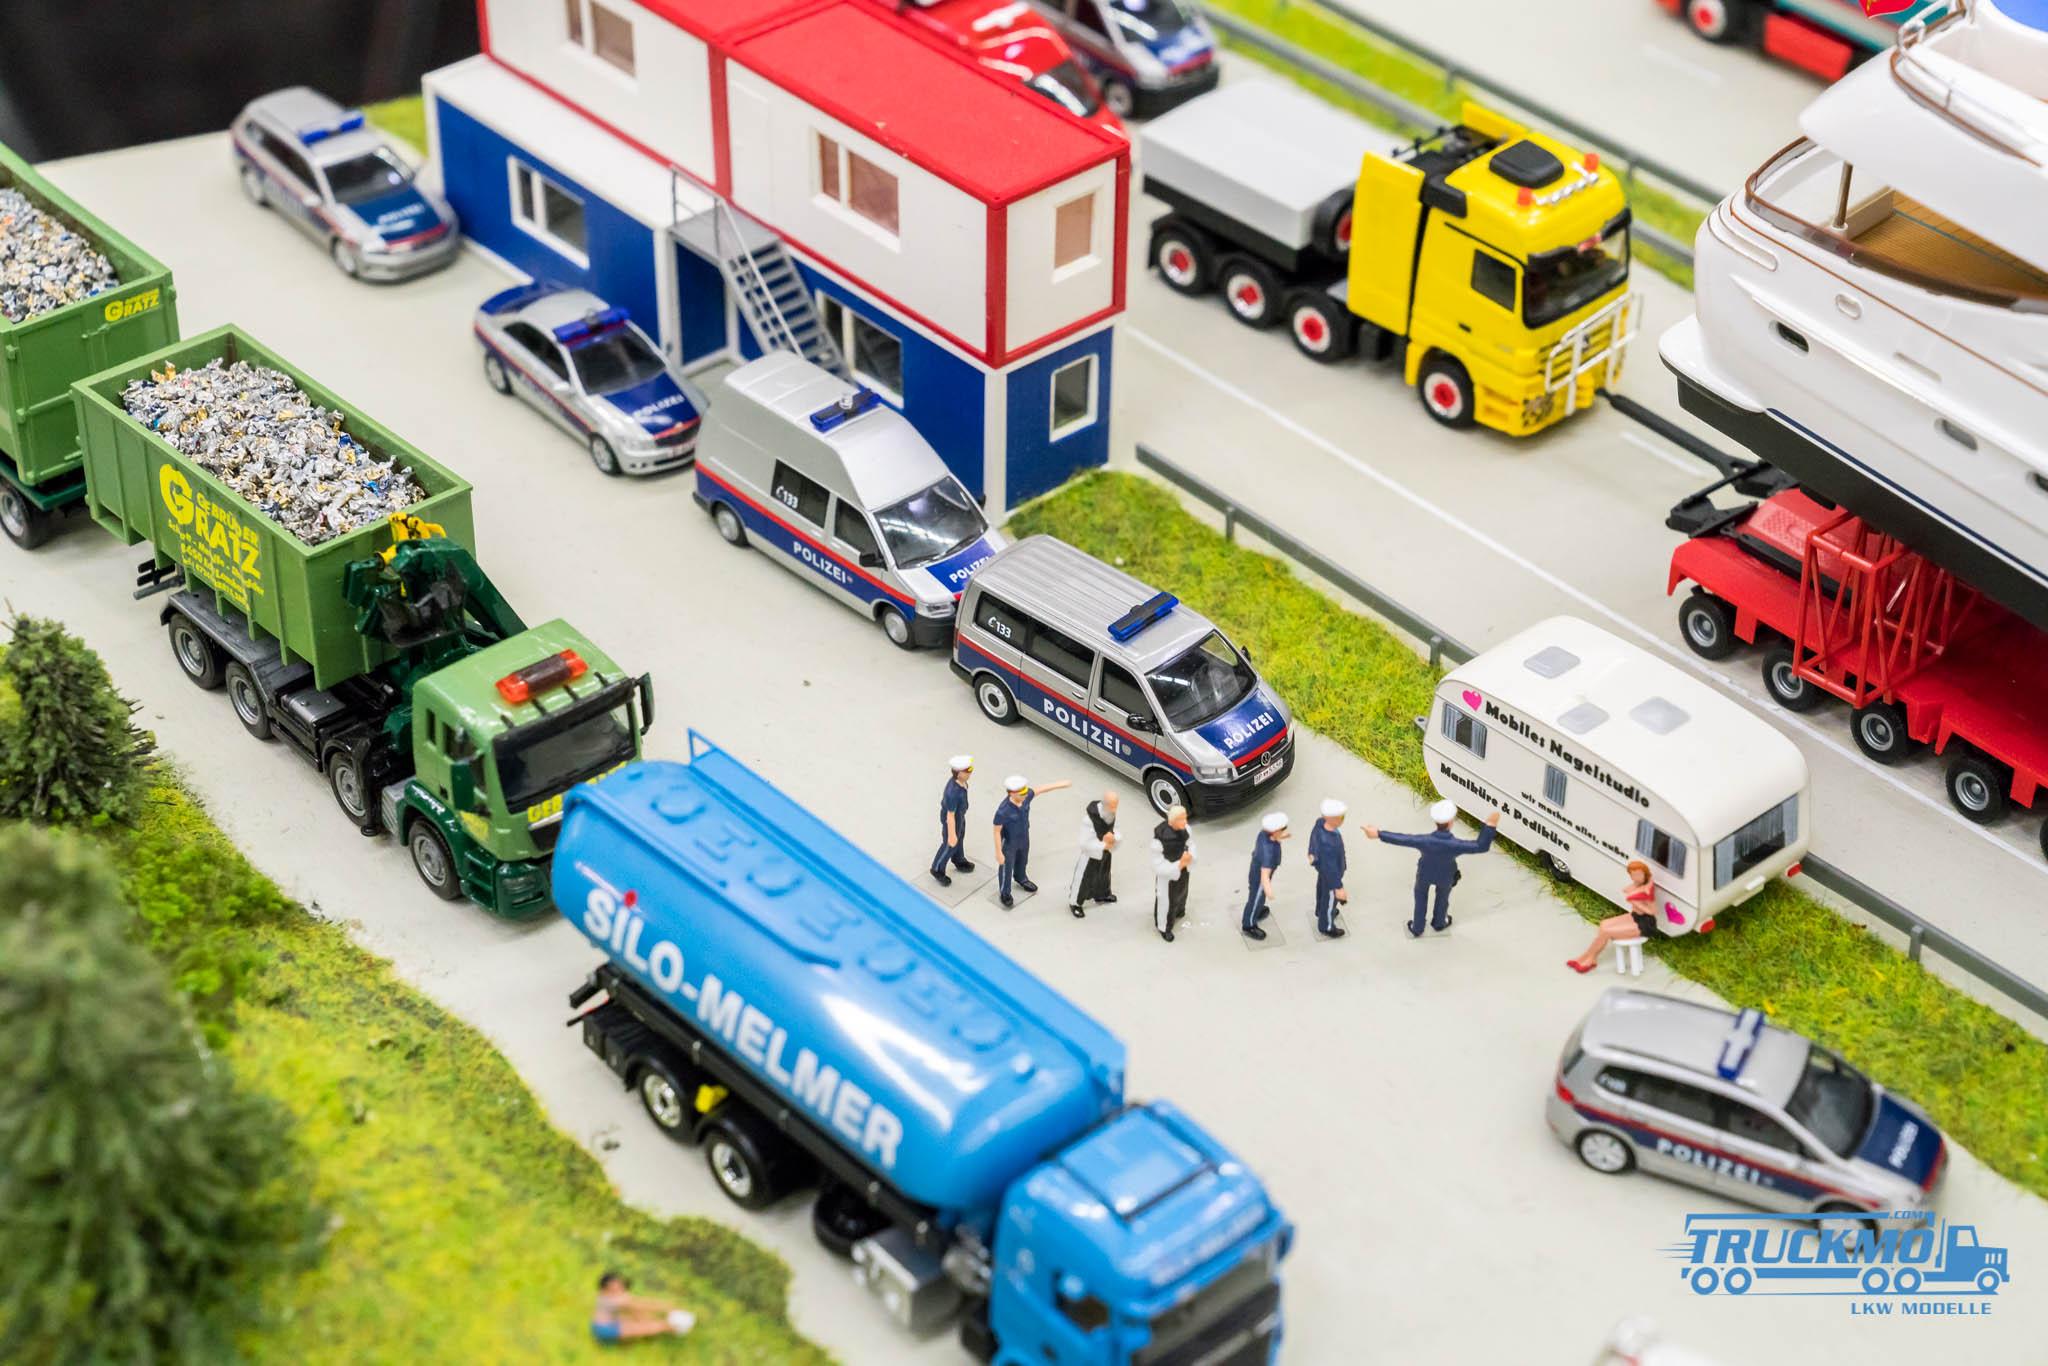 Truckmo_Modellbau_Ried_2017_Herpa_Messe_Modellbauausstellung (261 von 1177)